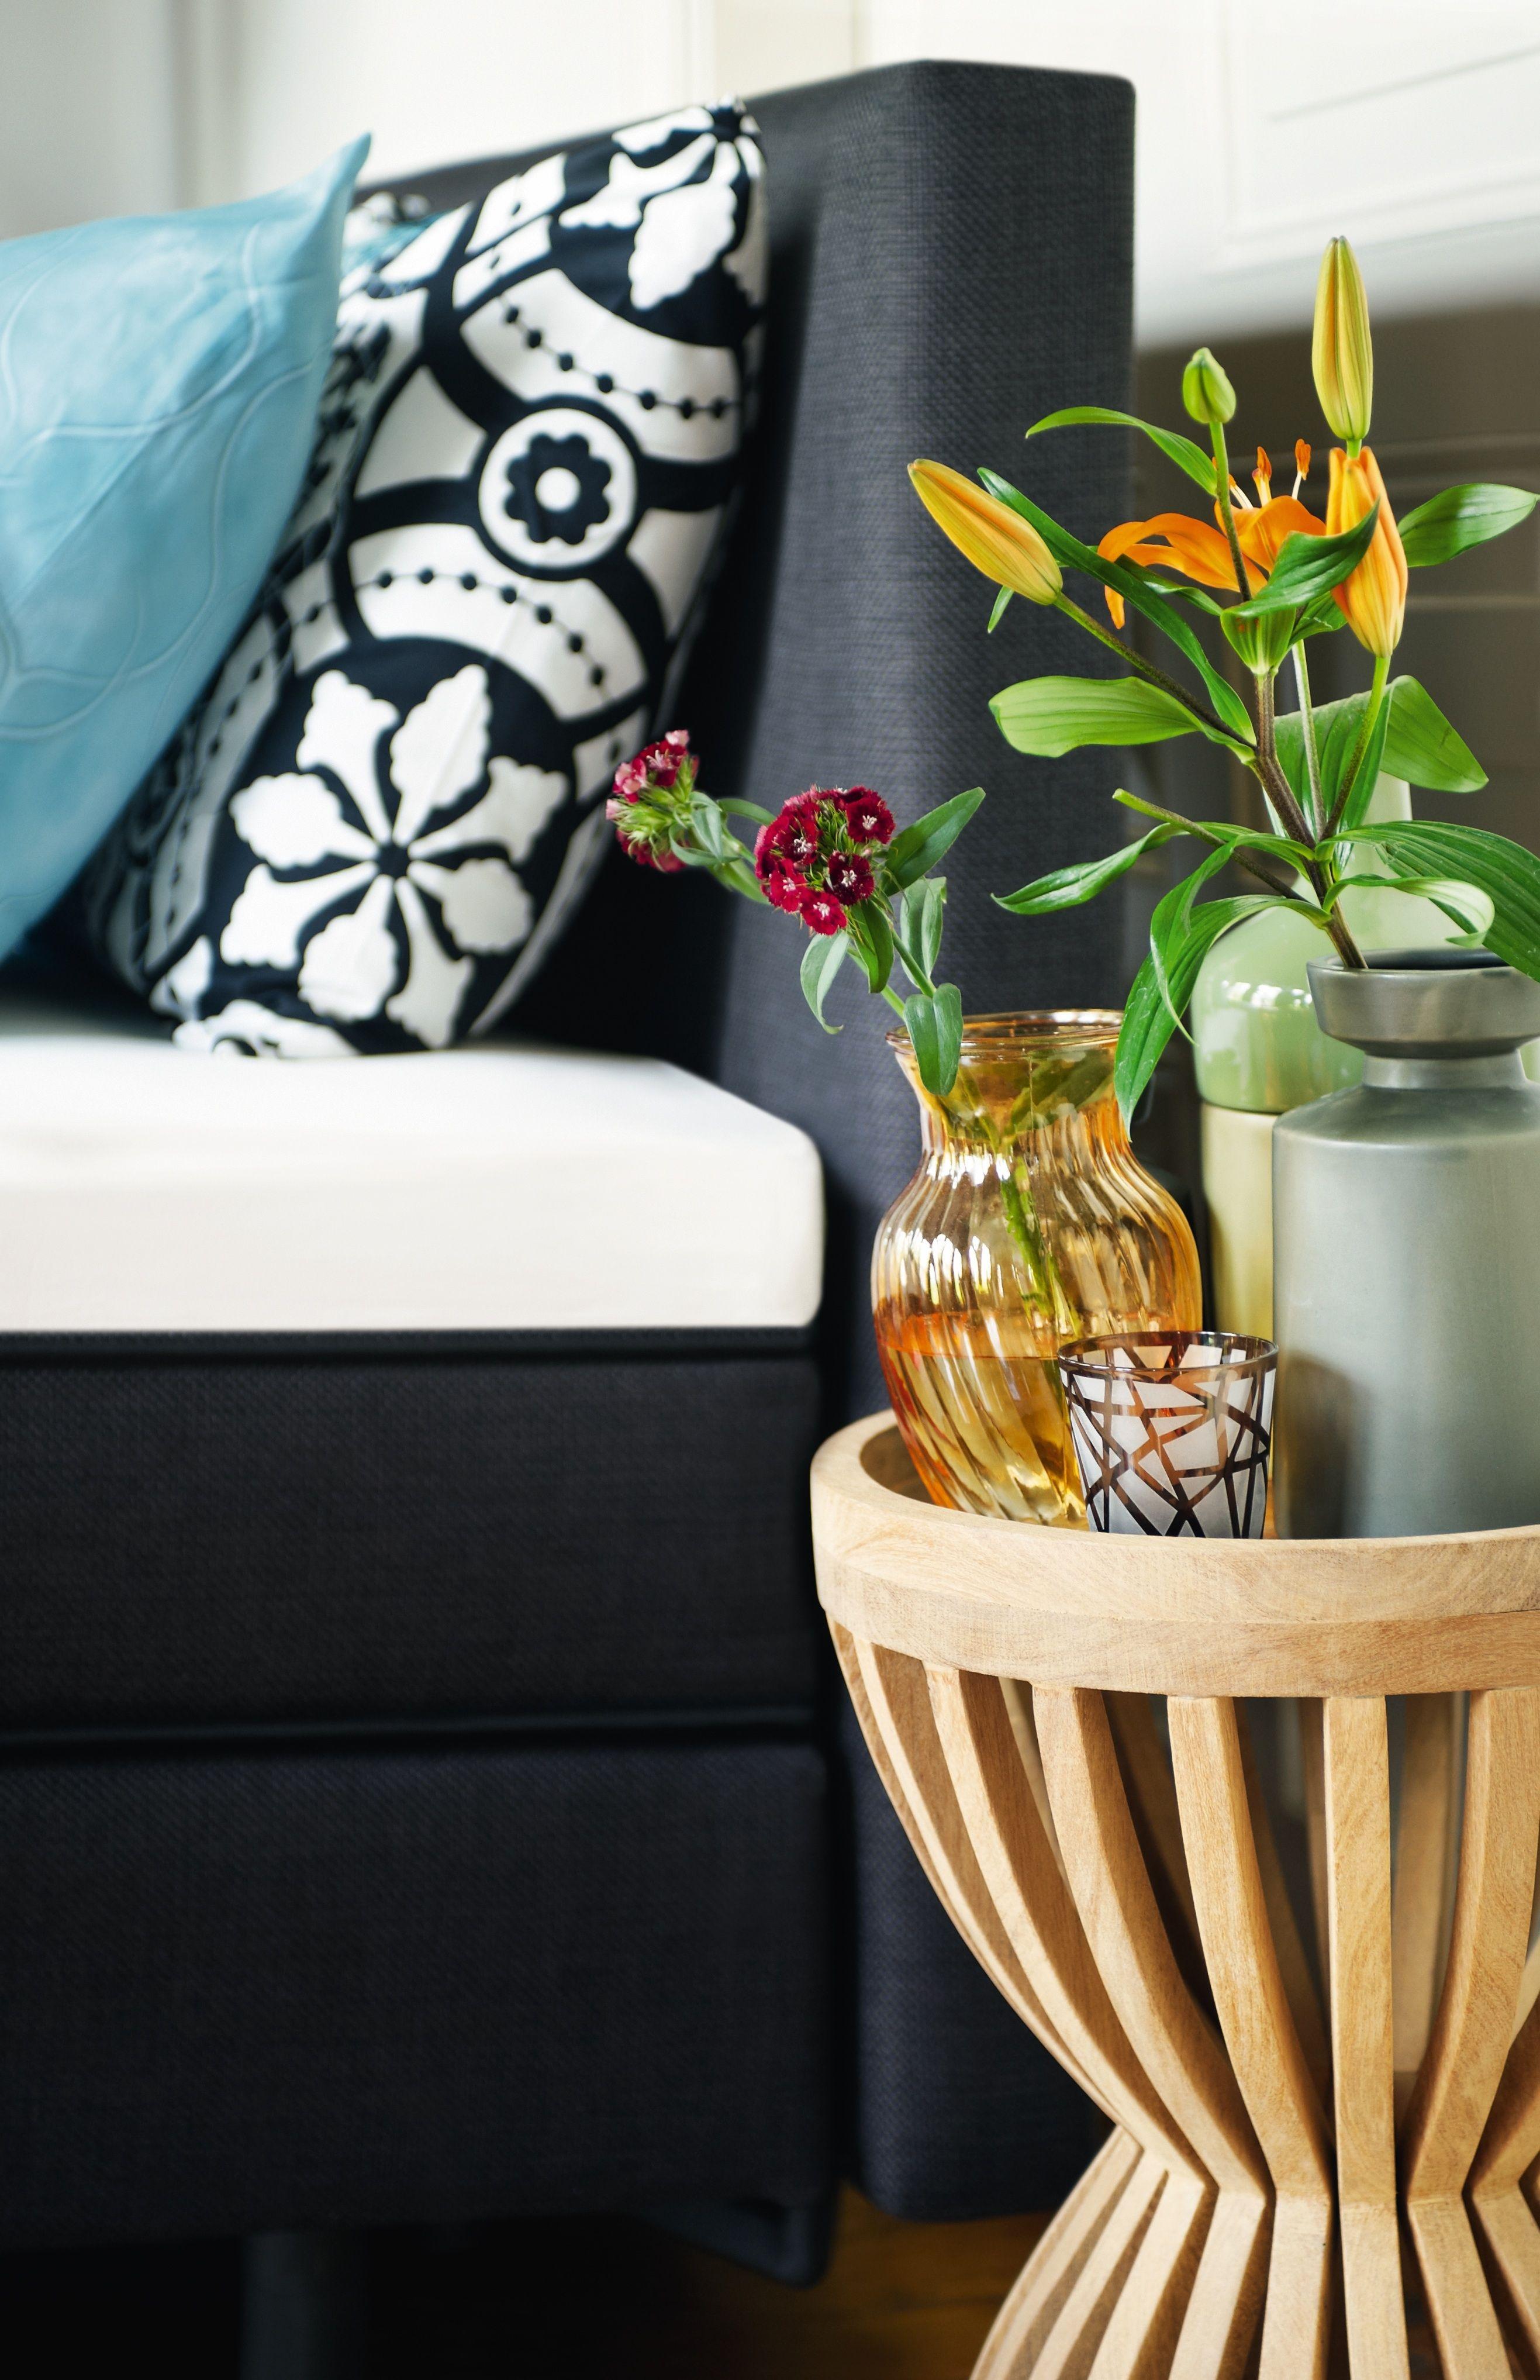 Herst-Blumen im Schlafzimmer | Zzzz | Pinterest ...